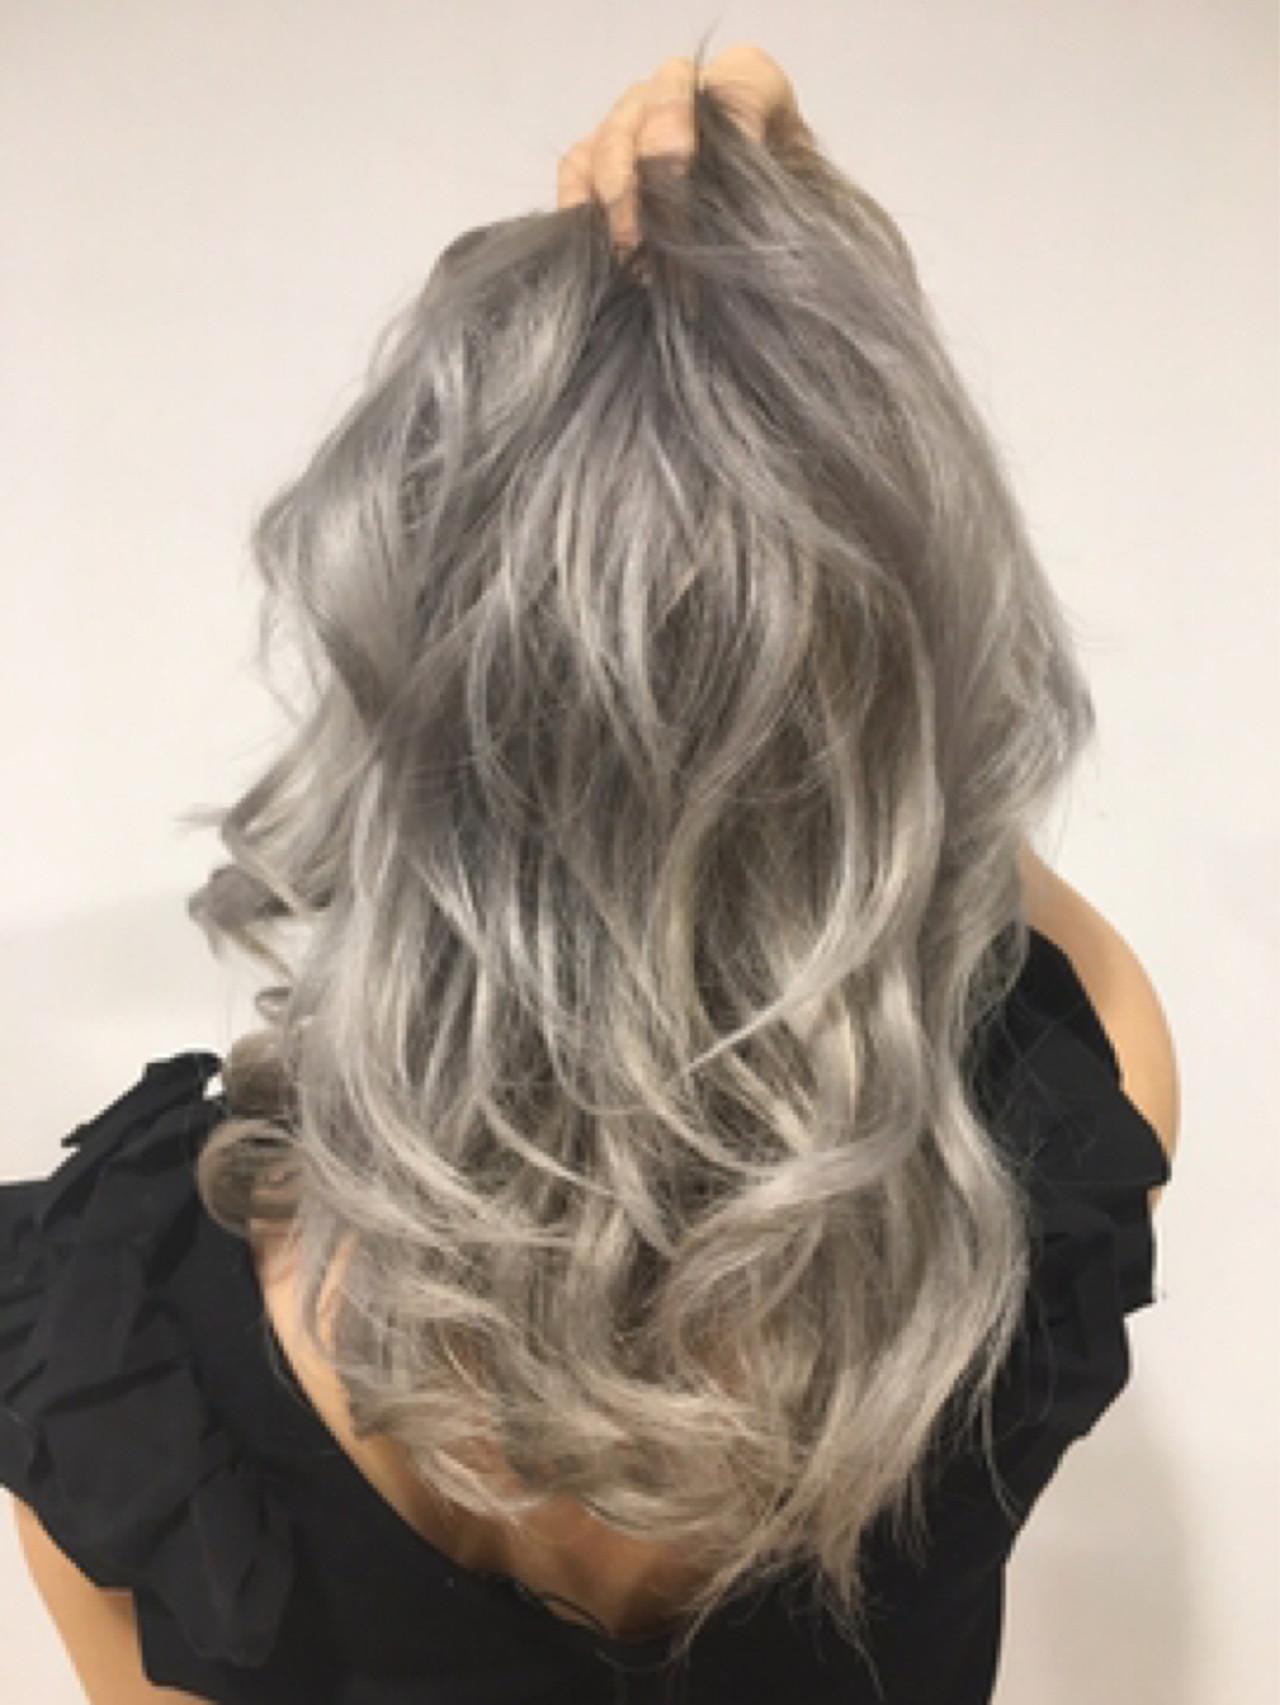 イルミナカラー 3Dカラー ストリート グレージュ ヘアスタイルや髪型の写真・画像 | Youhei Tase / STILL hair,spa&eyelash ルトロワ